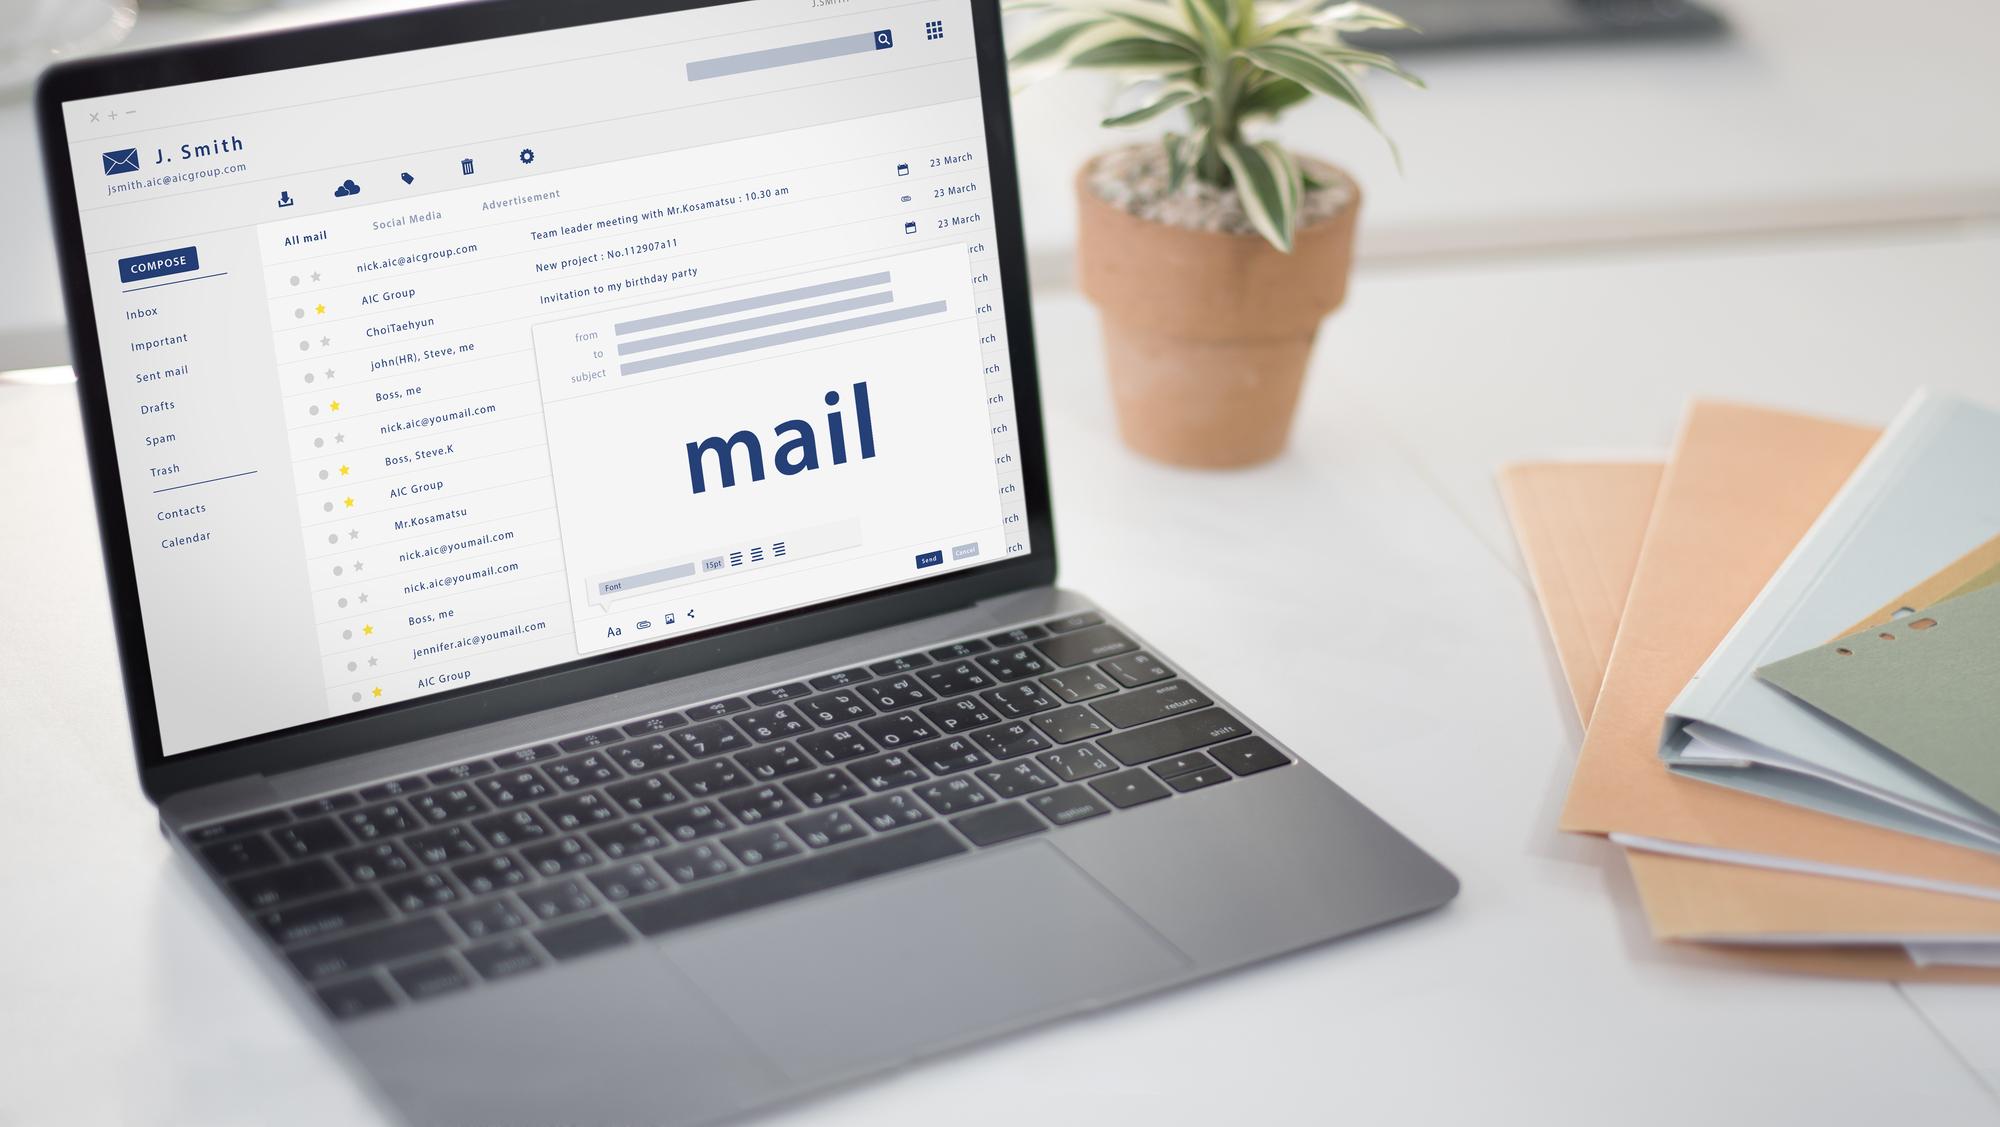 前の記事: 就活で使用するメールアドレスはどのように決めればいいのか【ま